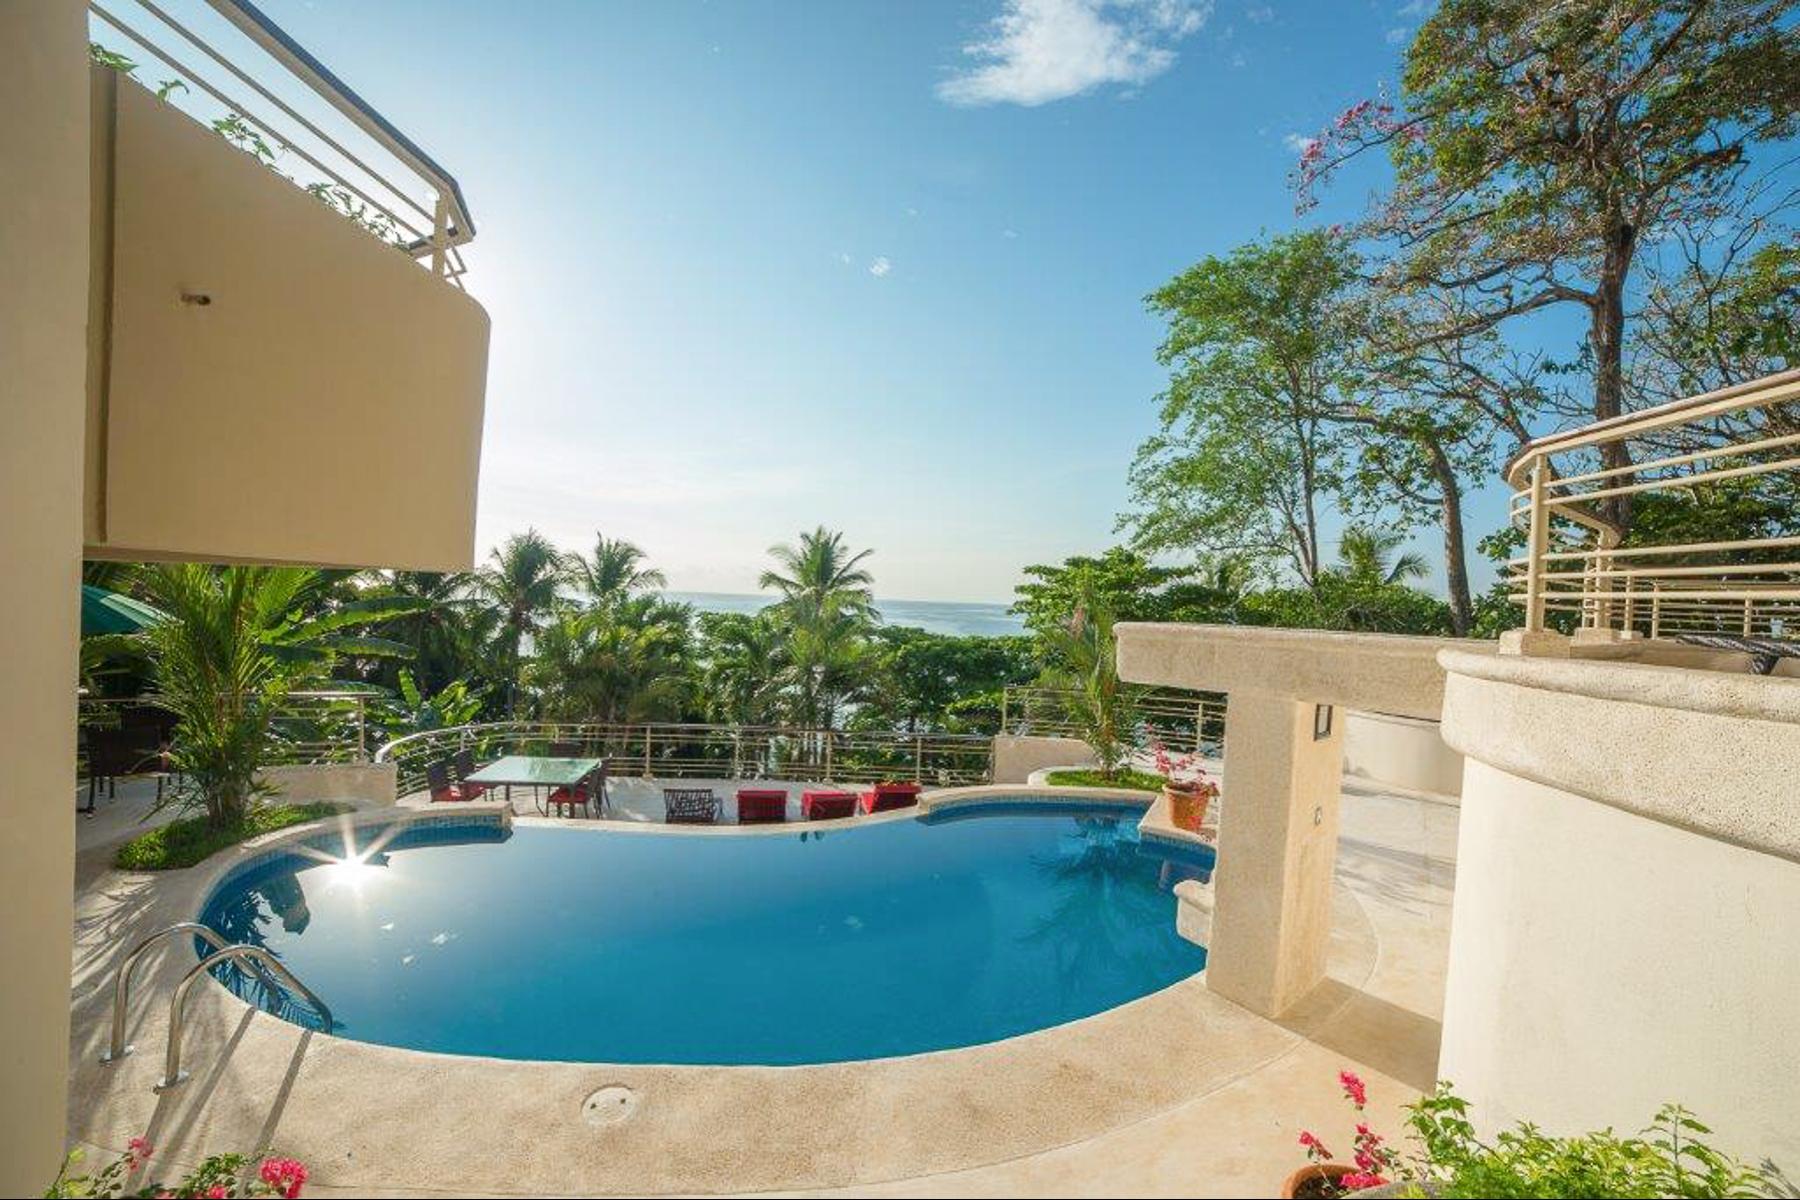 토지 용 매매 에 Oceanfront Luxury Villa Other Puntarenas, 푼타레나스 코스타리카